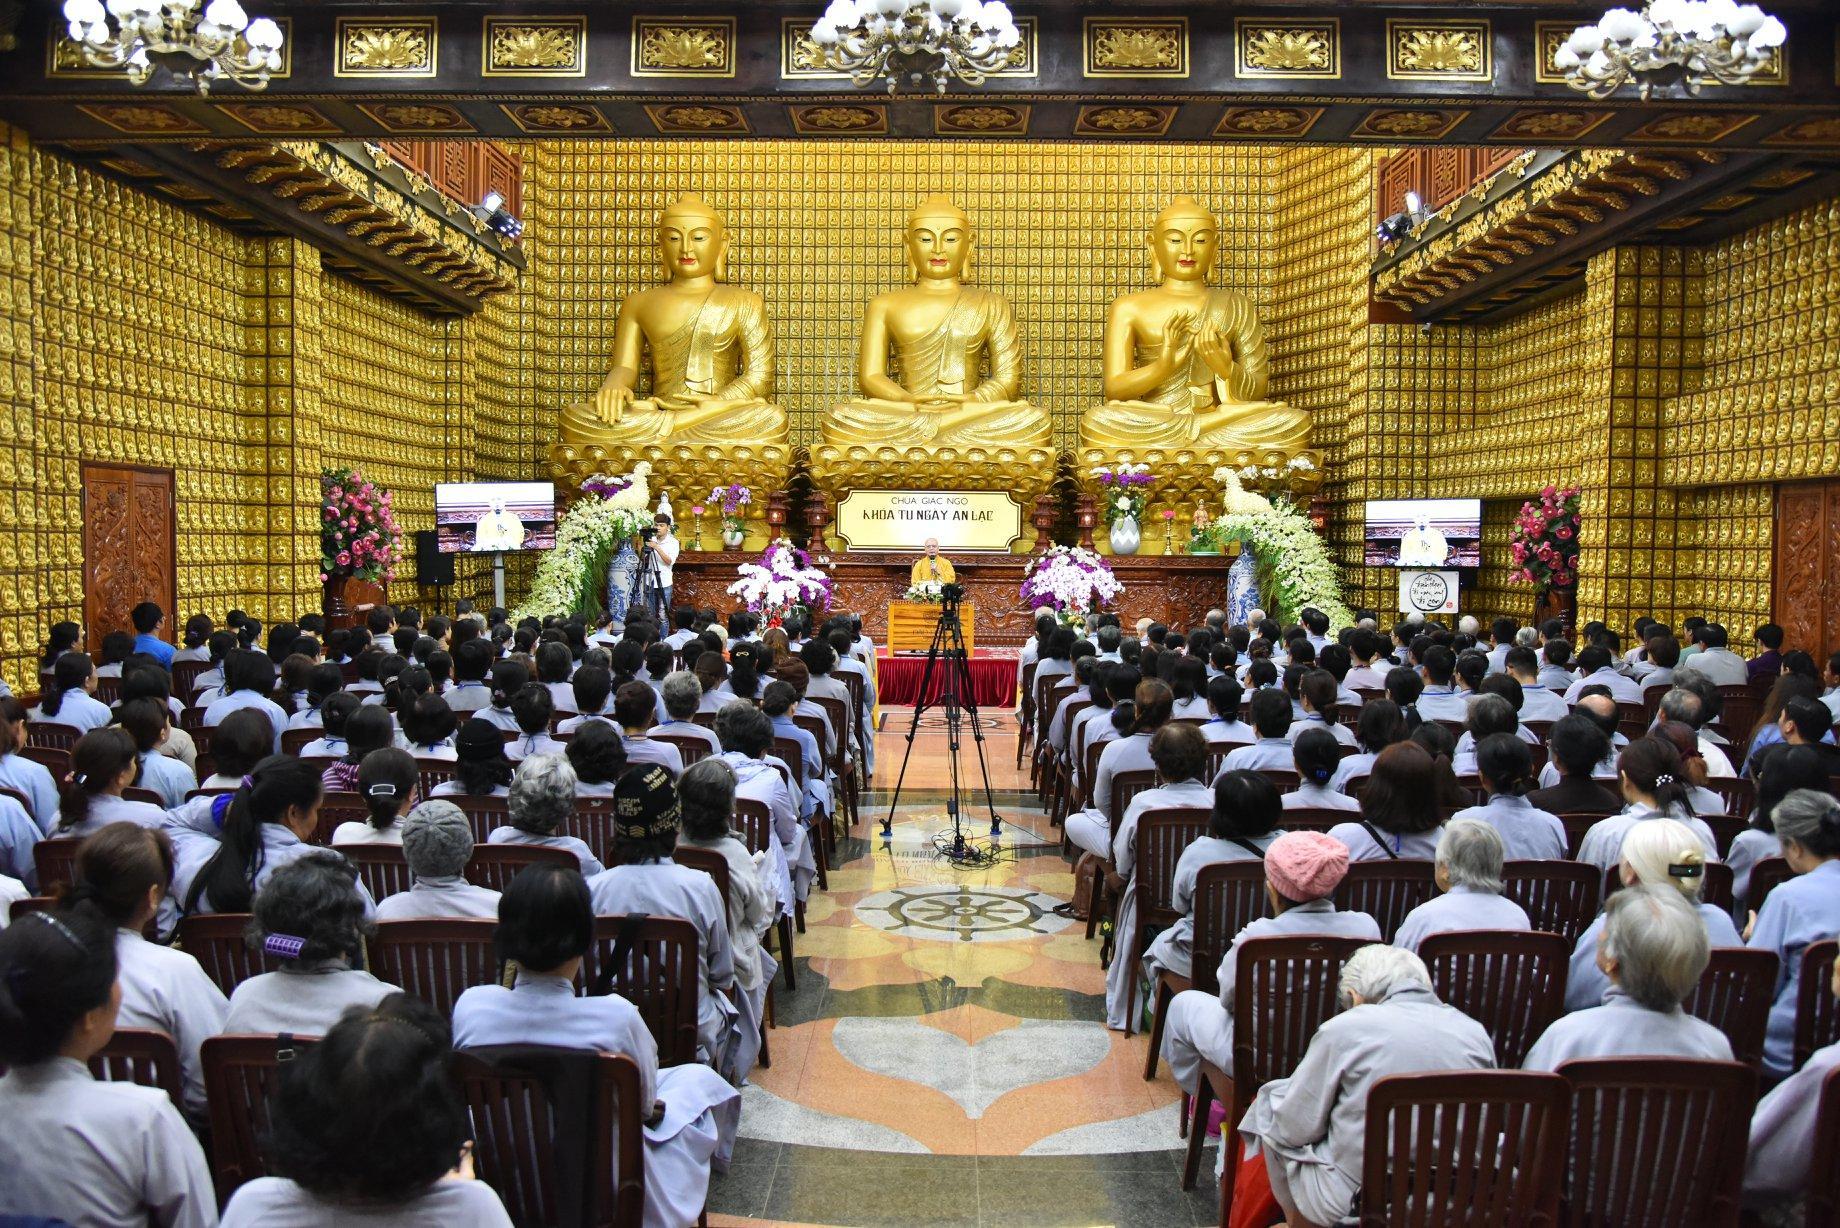 Chùa Giác Ngộ: Khóa tu an lạc lần thứ 59 và khóa tu tuổi trẻ hướng Phật lần thứ 59 (09-12-2018)